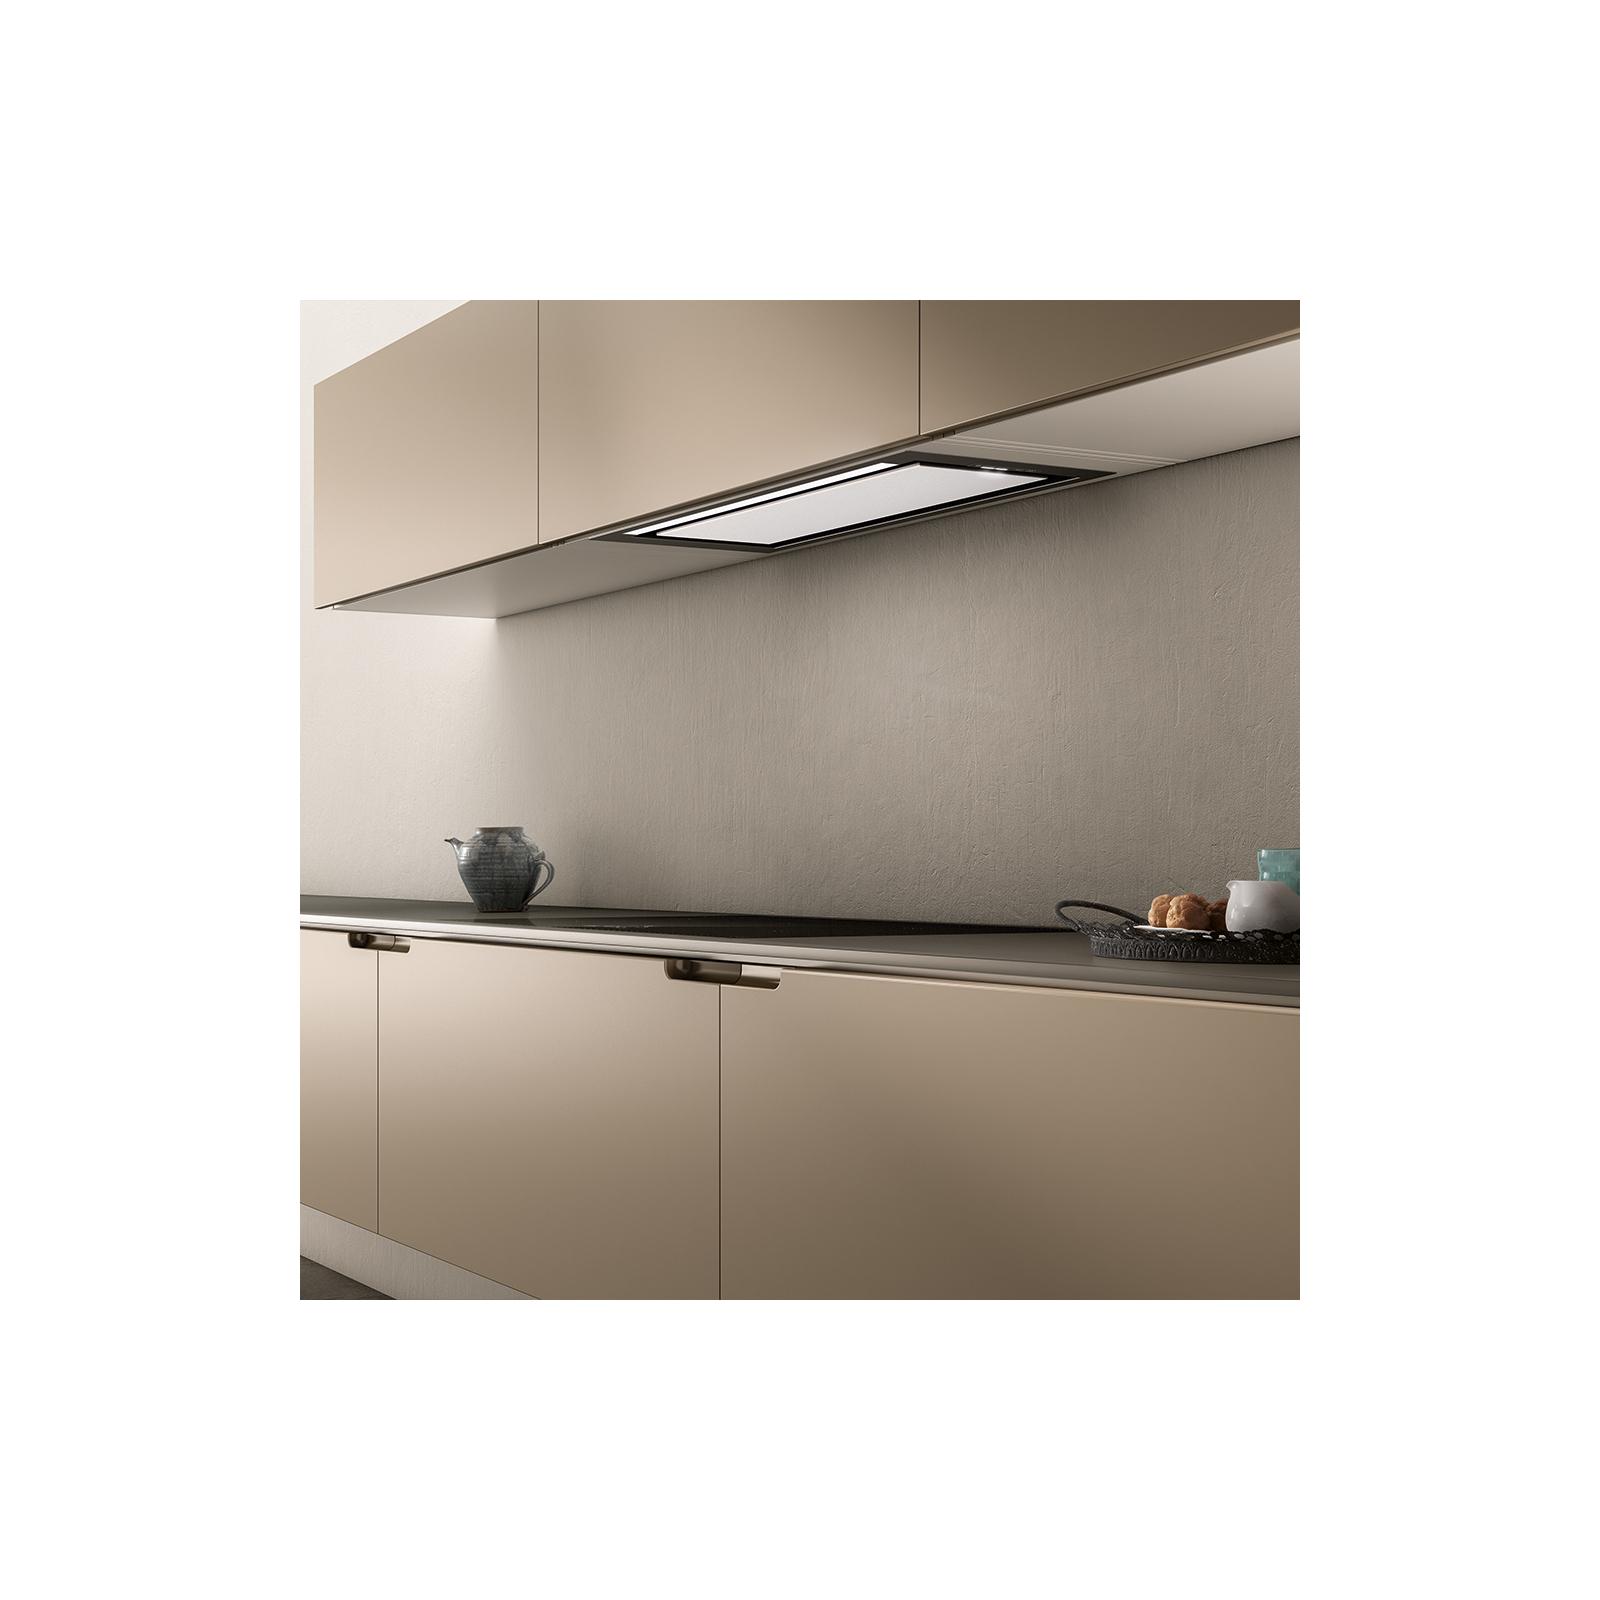 Вытяжка кухонная Elica HIDDEN IX/A/90 изображение 2